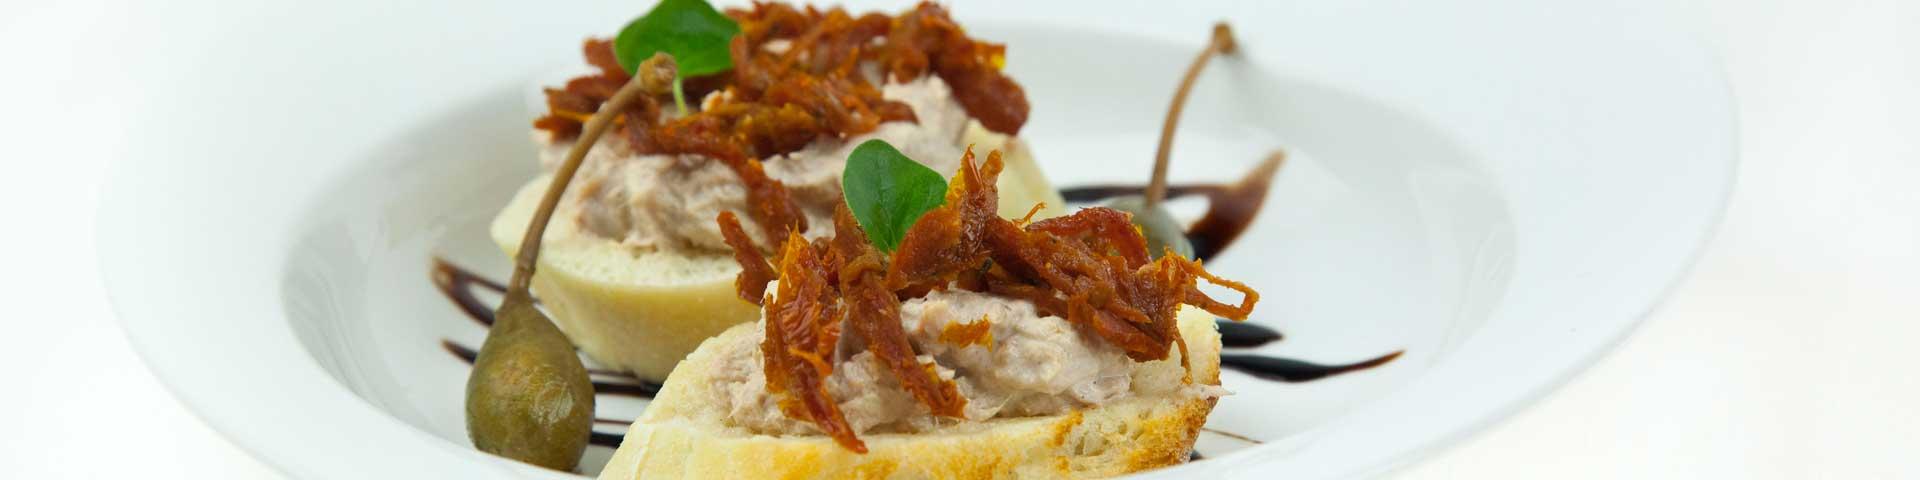 Bruschetta z pastą z tuńczyka